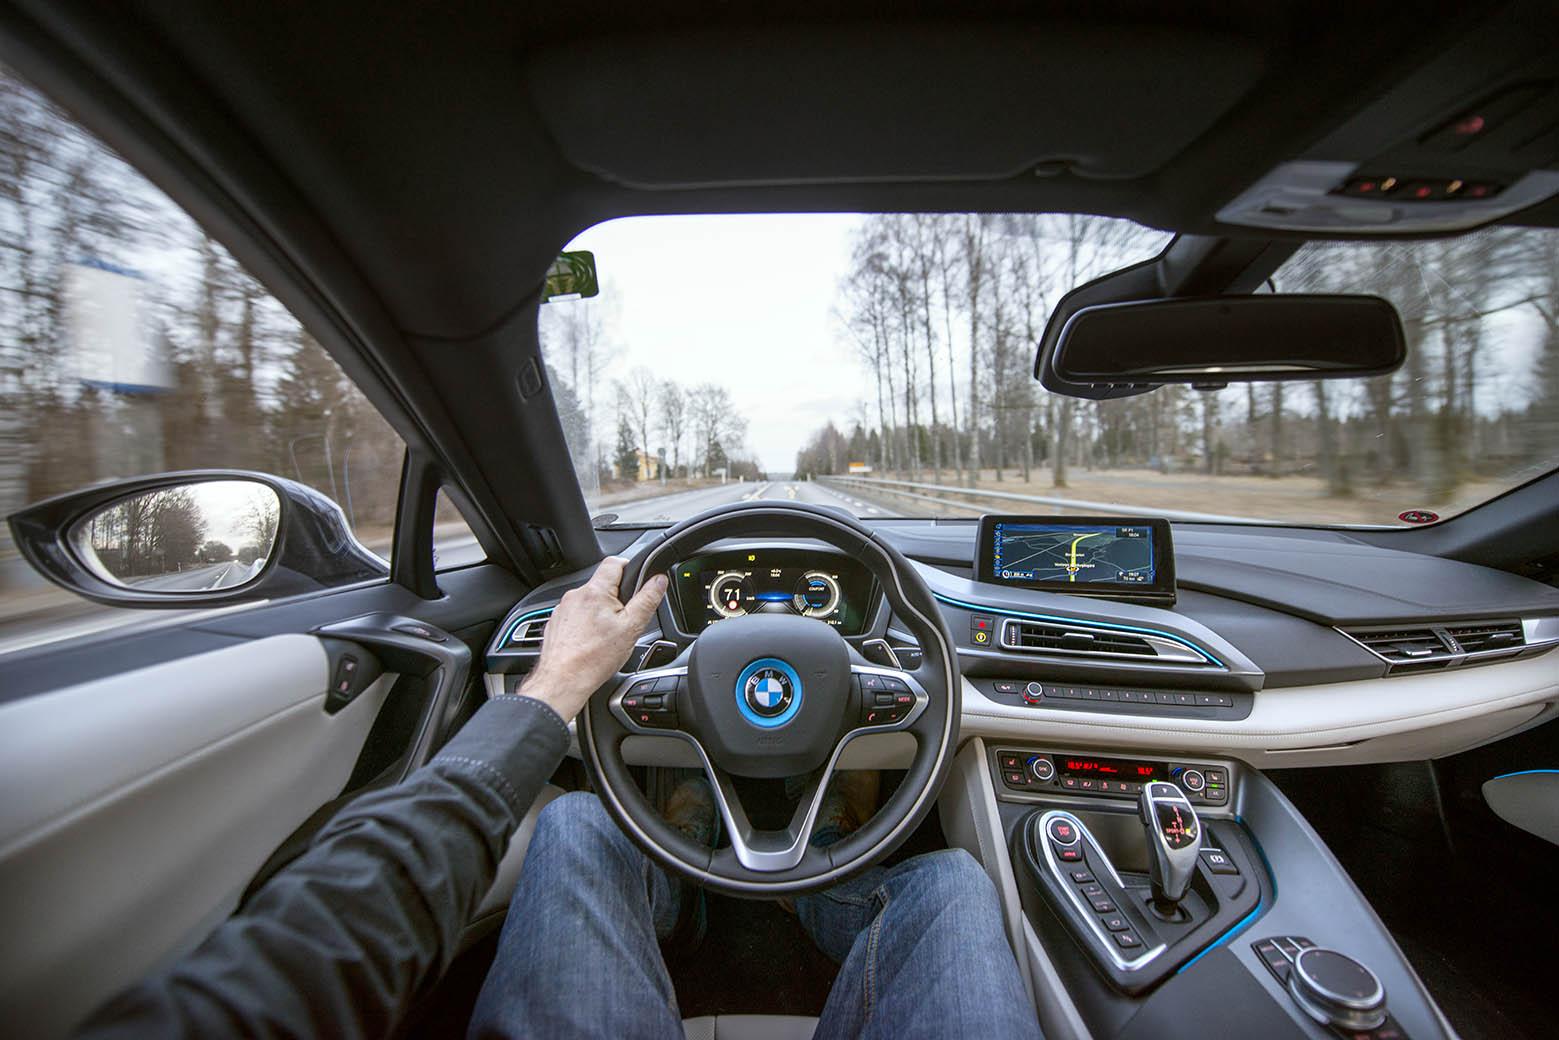 smSN BMW i8 2 170314